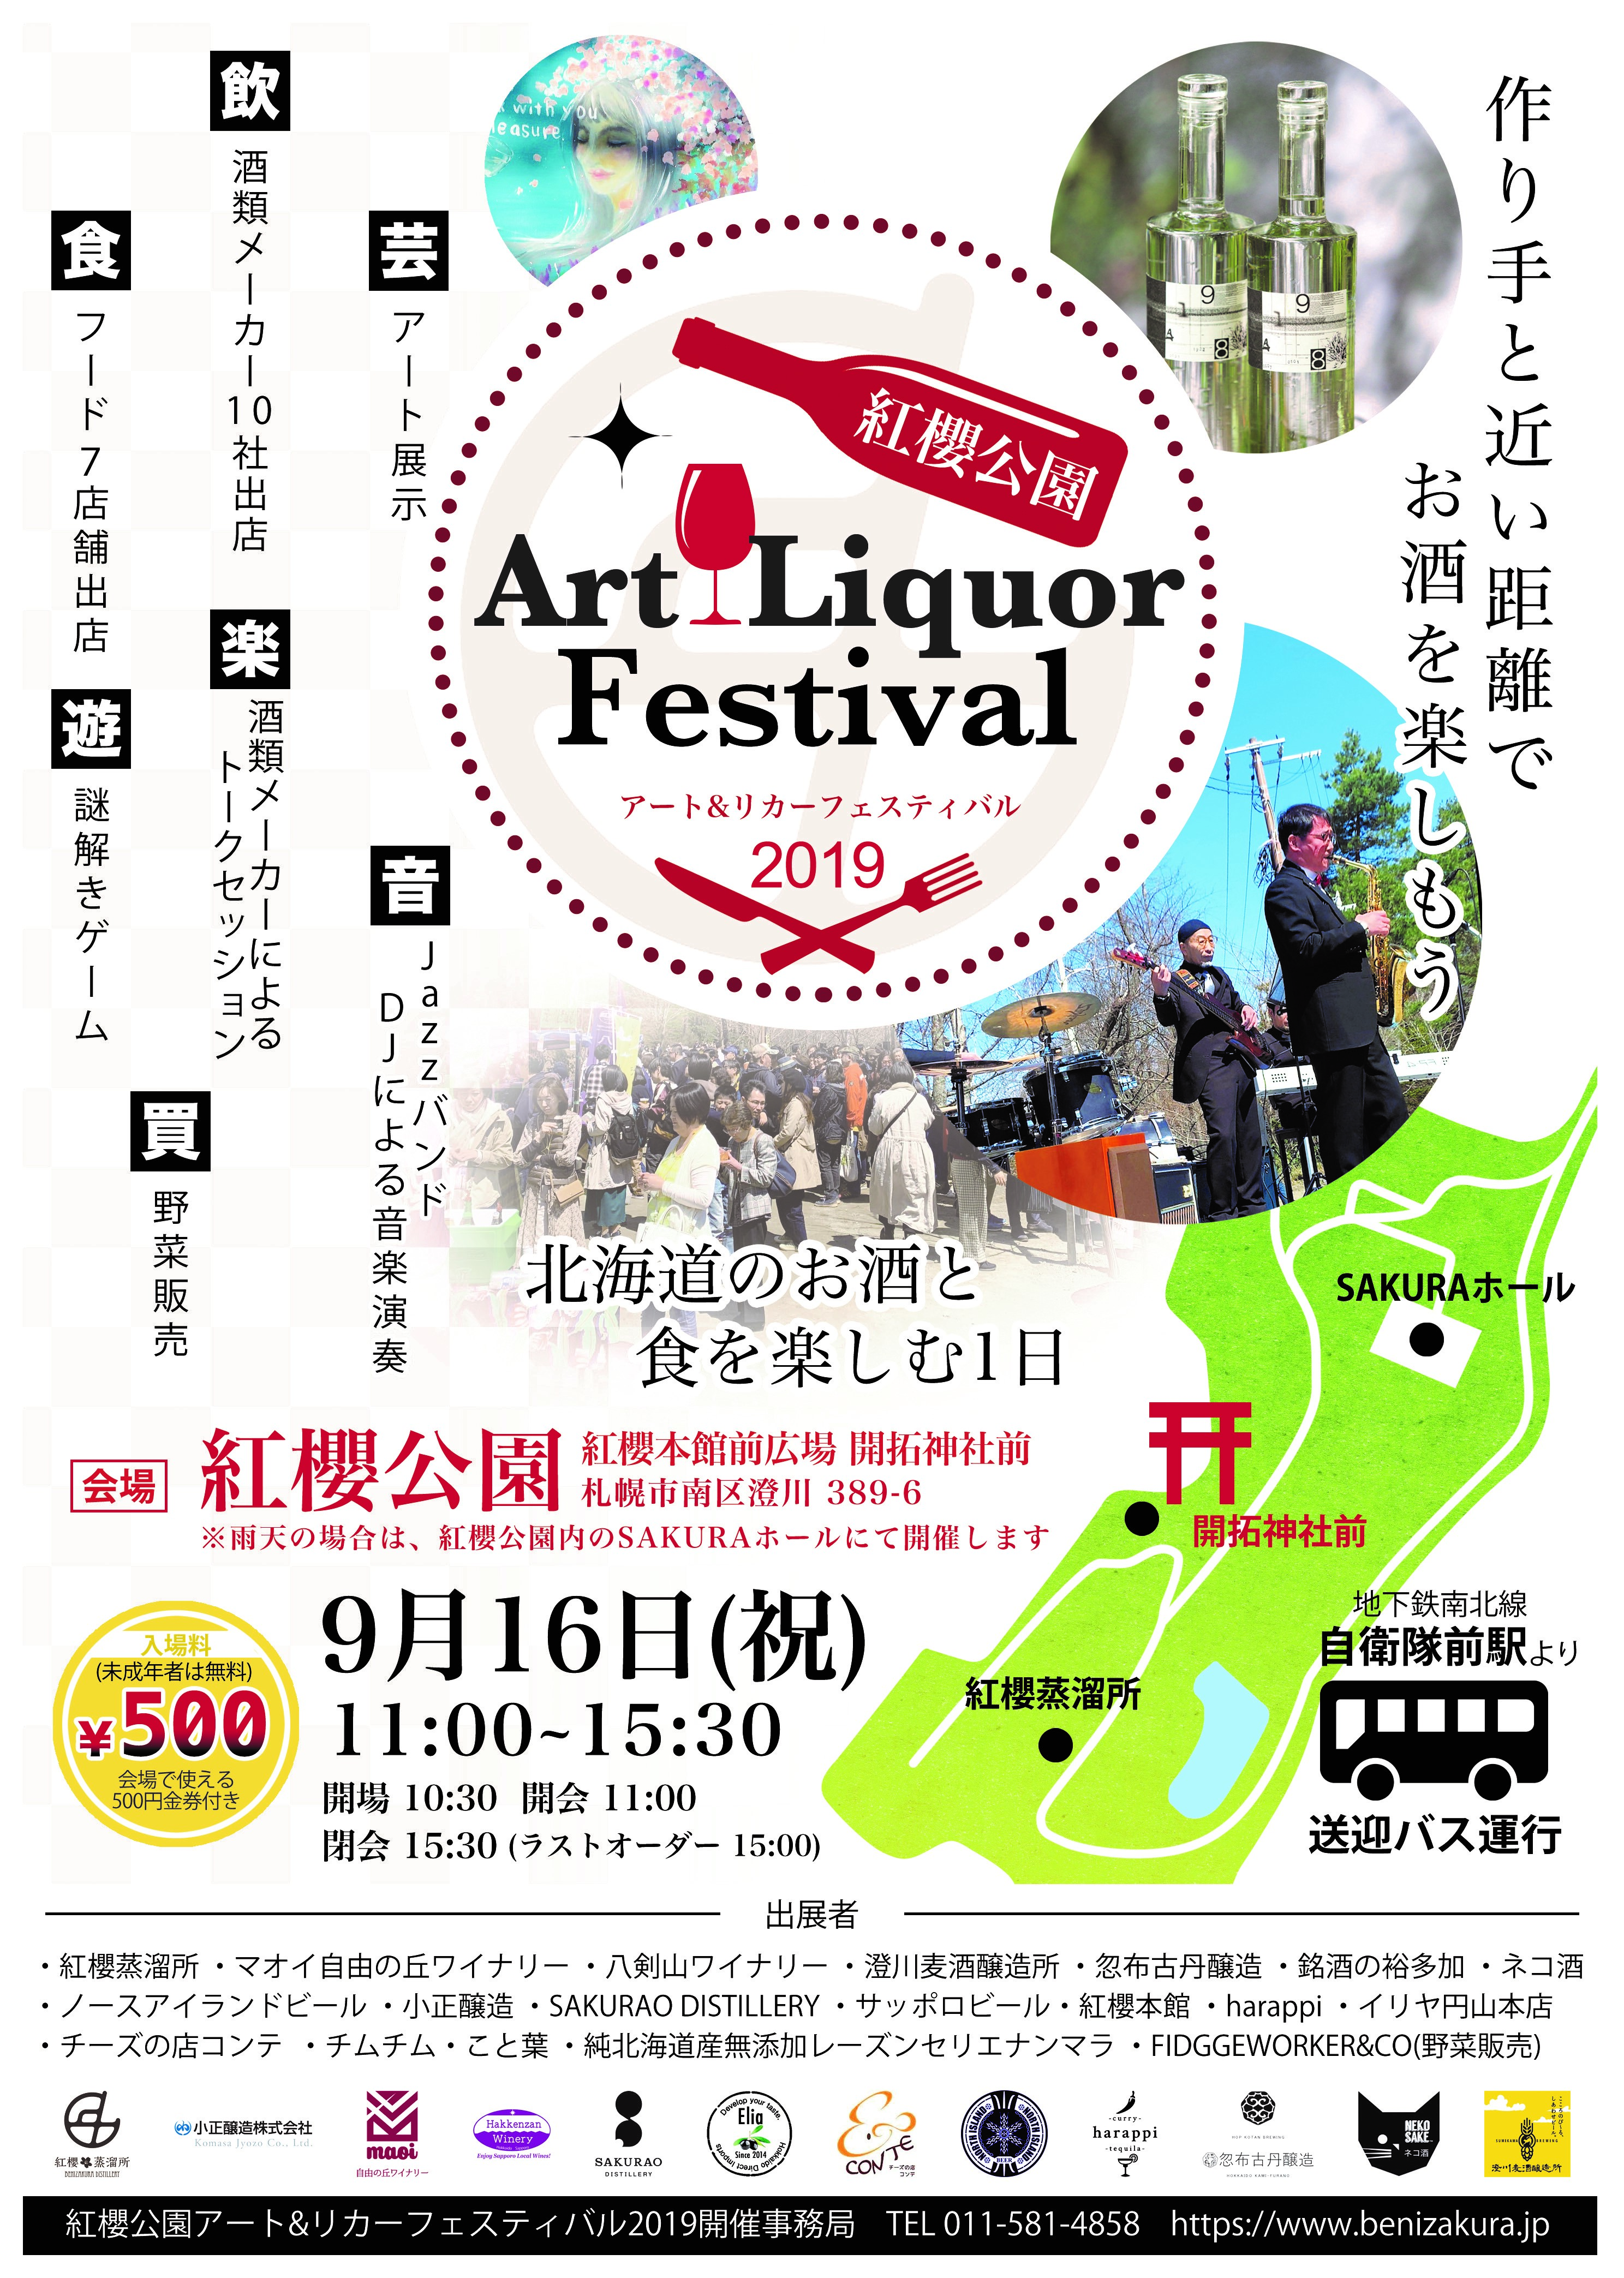 紅櫻公園アート&リカーフェスティバル2019